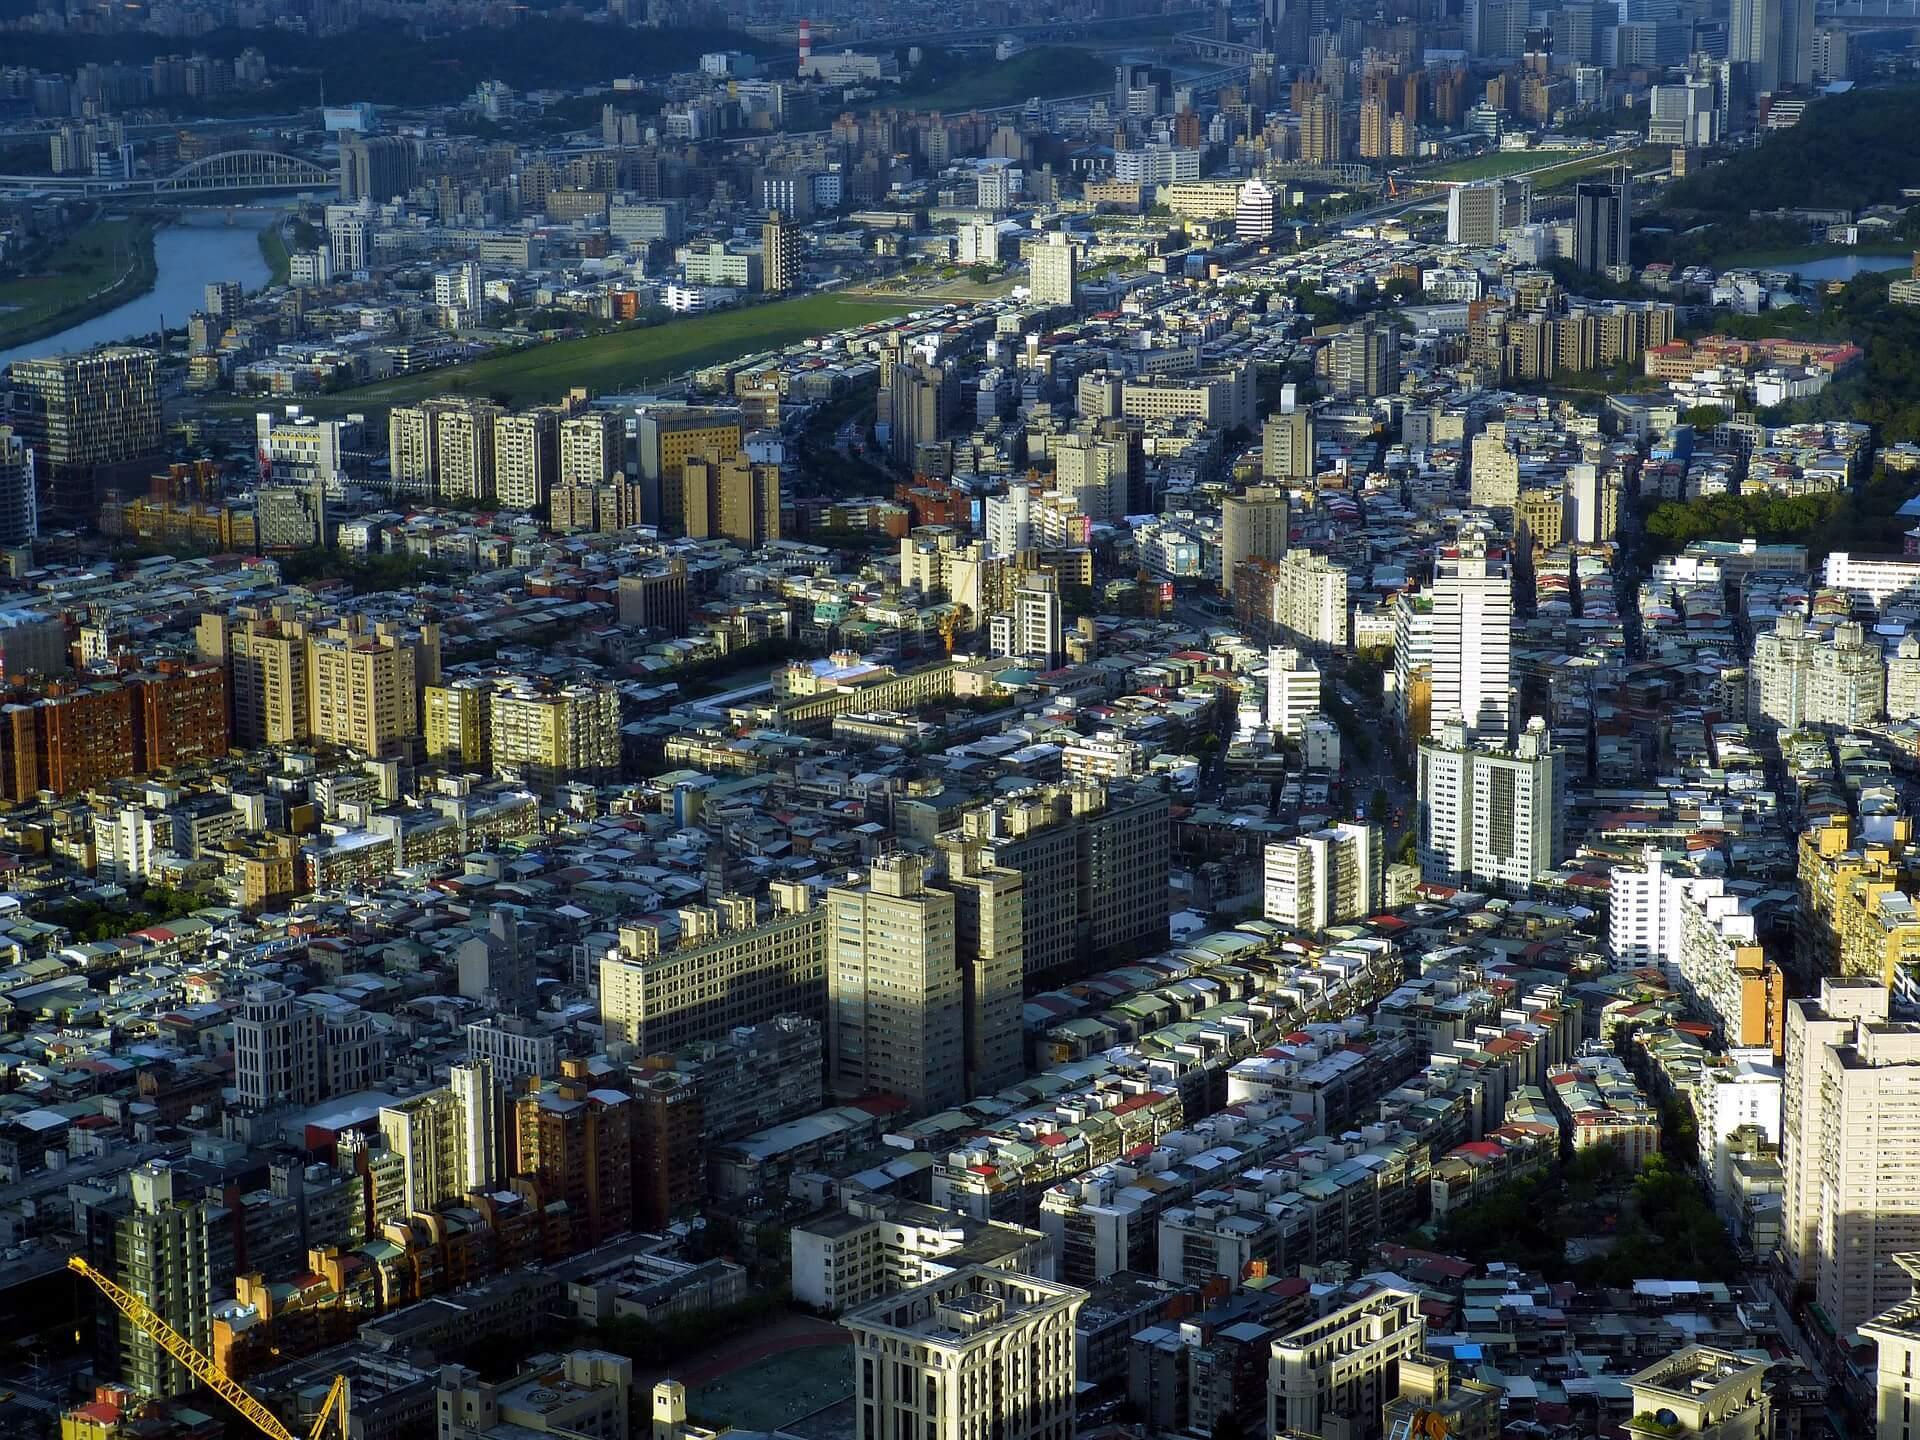 台湾物流の基礎知識   最新物流事情・自由貿易区(FTZ)・国際物流戦略「MMC」